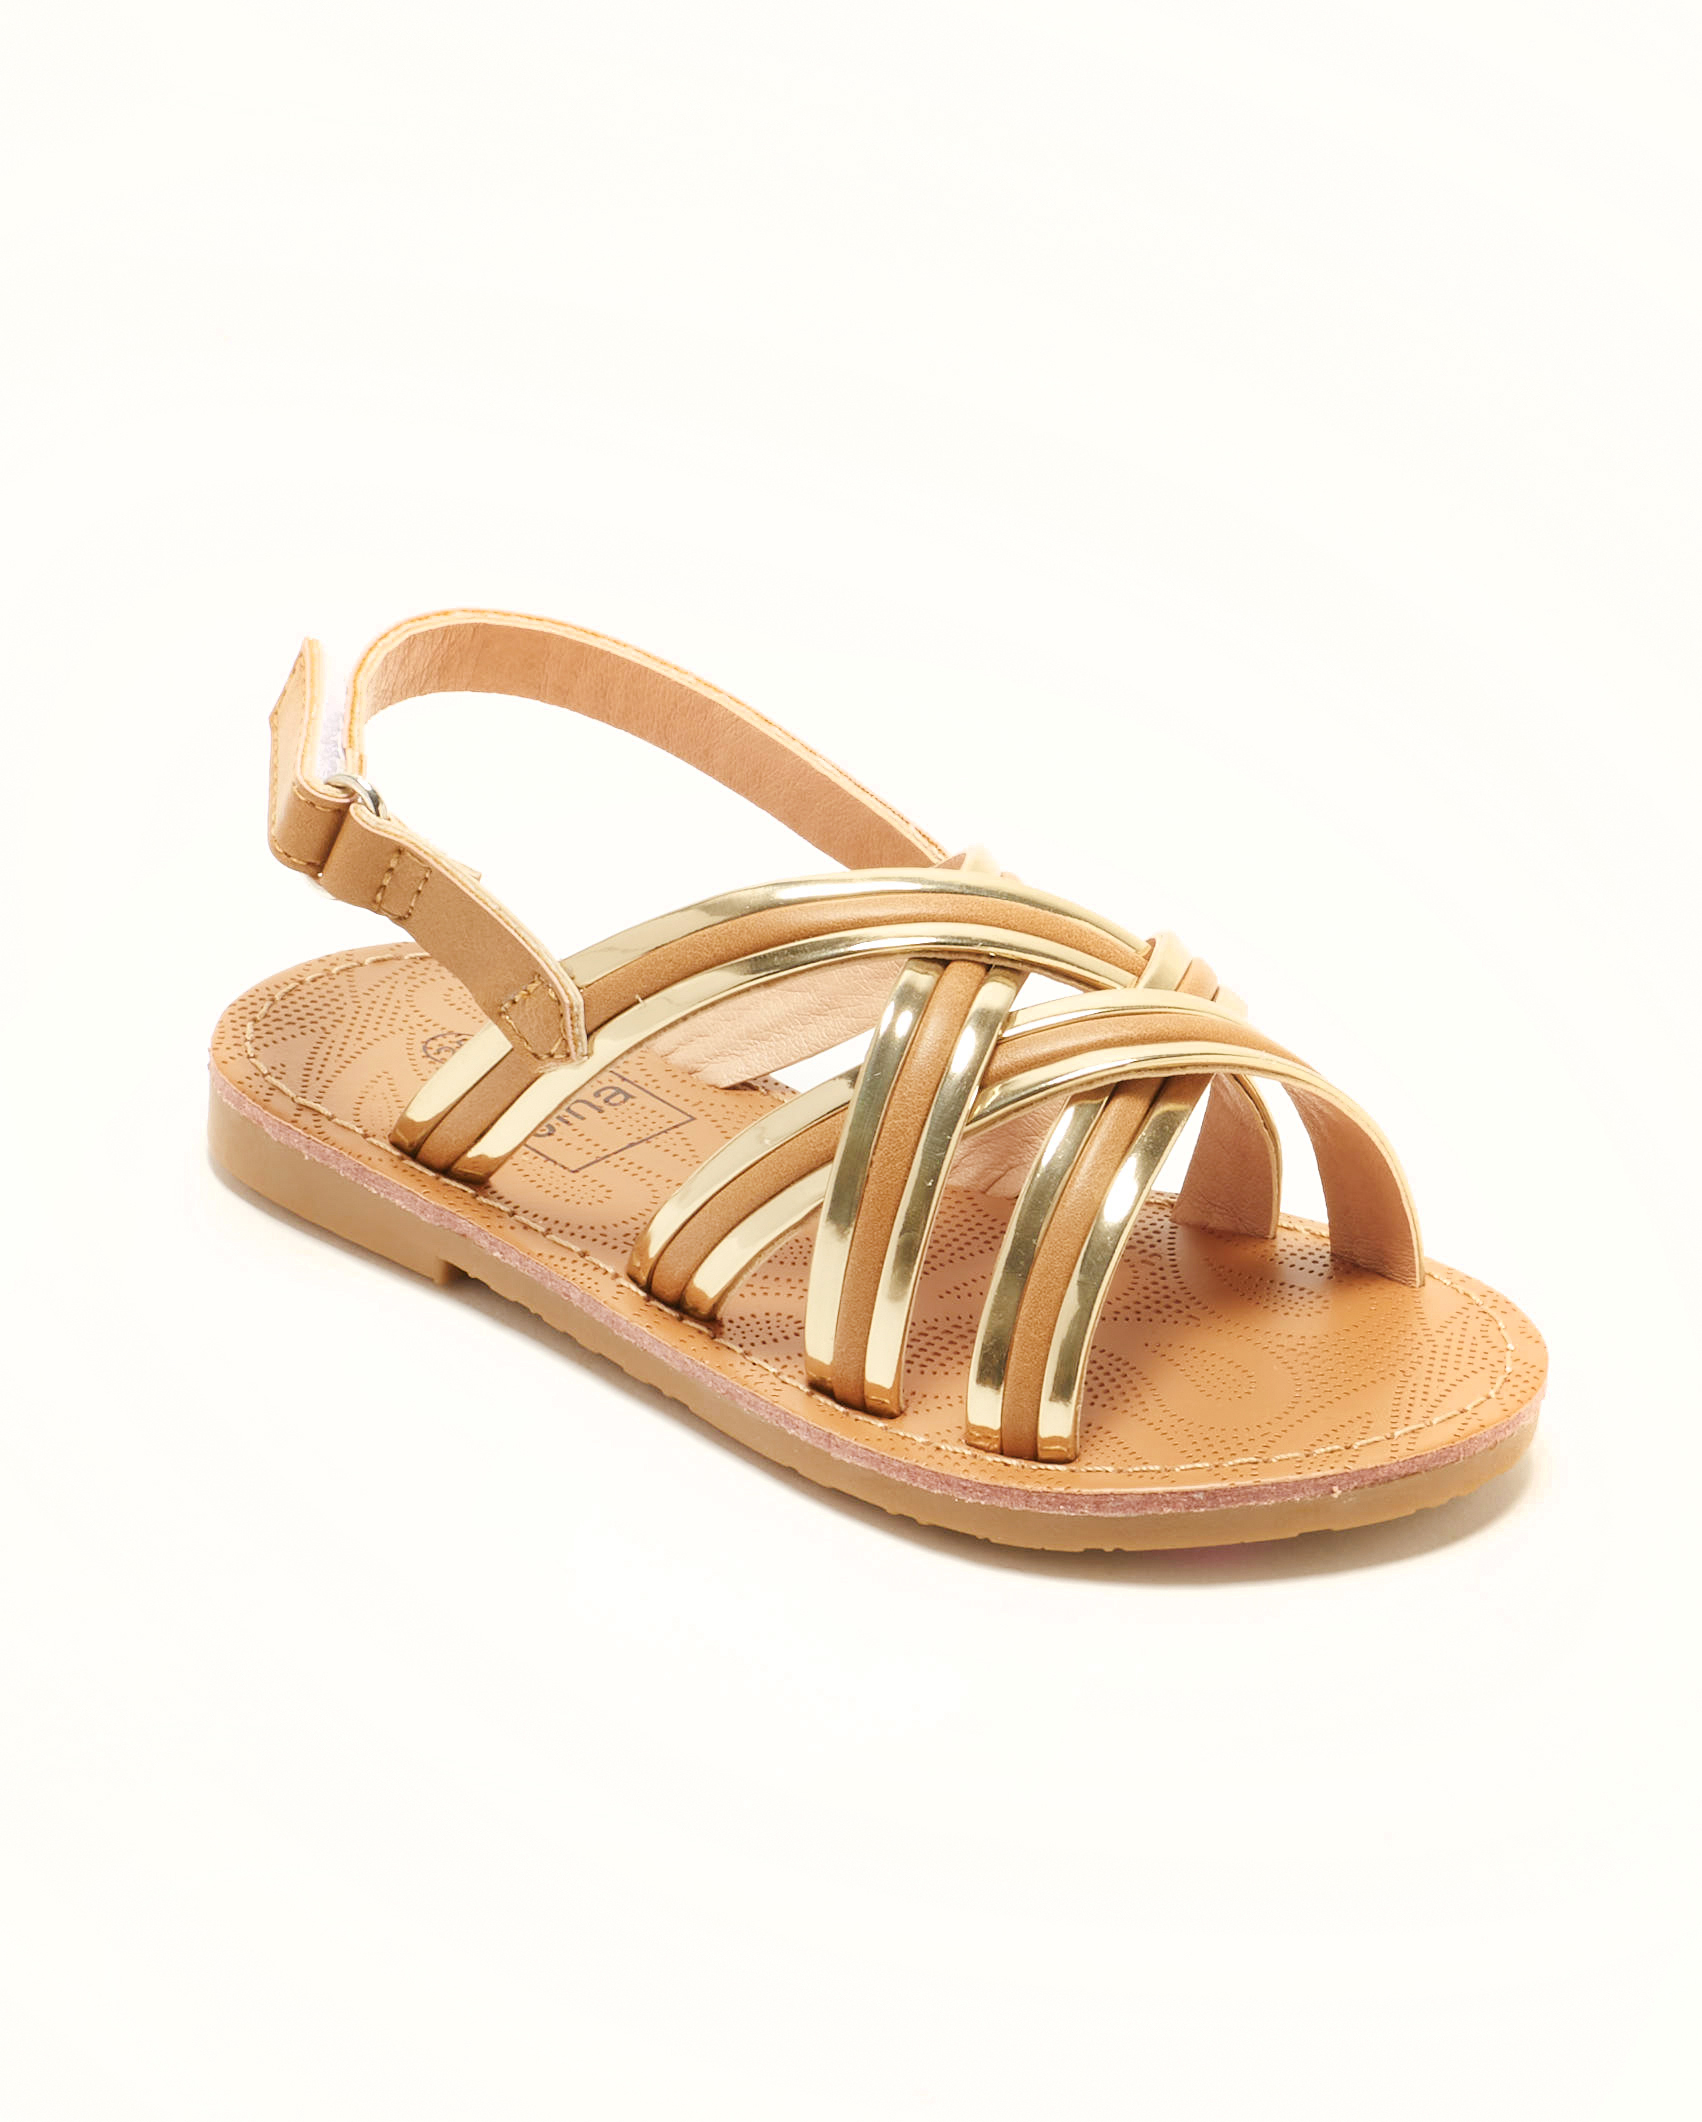 Sandales Fille - Sandale Ouverte Camel Or Jina - Ydxls23j-4